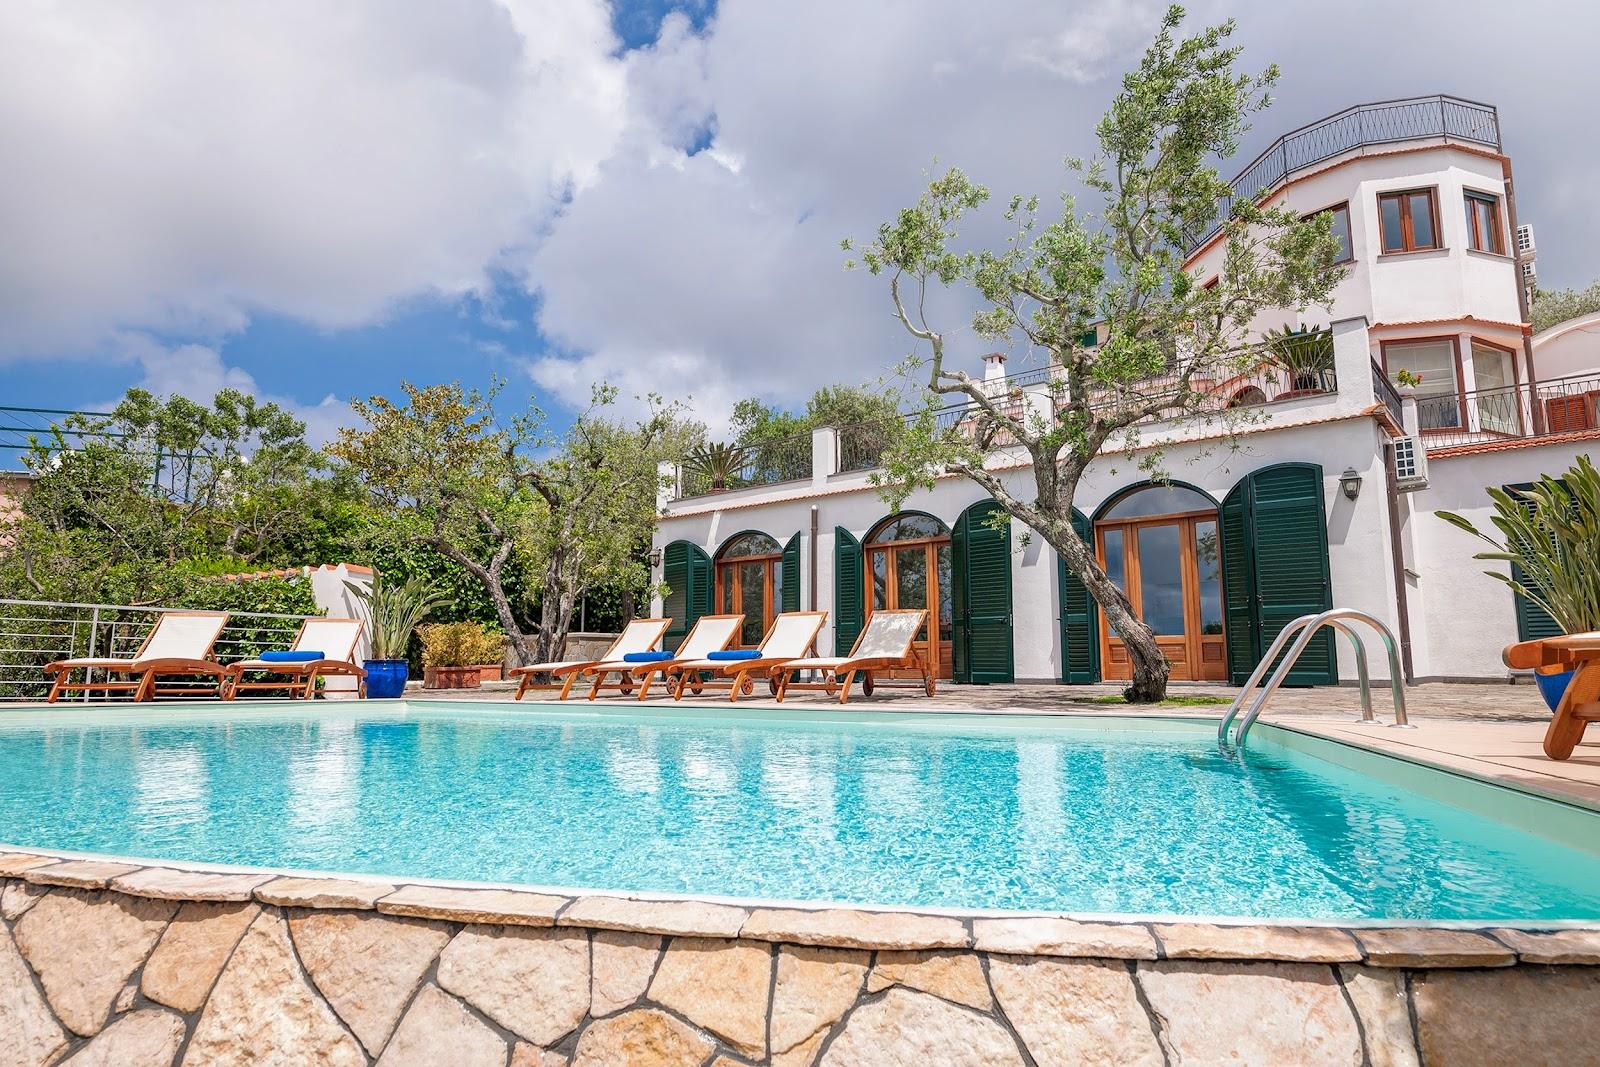 Ferienhaus Villa Giardino (734746), Massa Lubrense, Amalfiküste, Kampanien, Italien, Bild 1